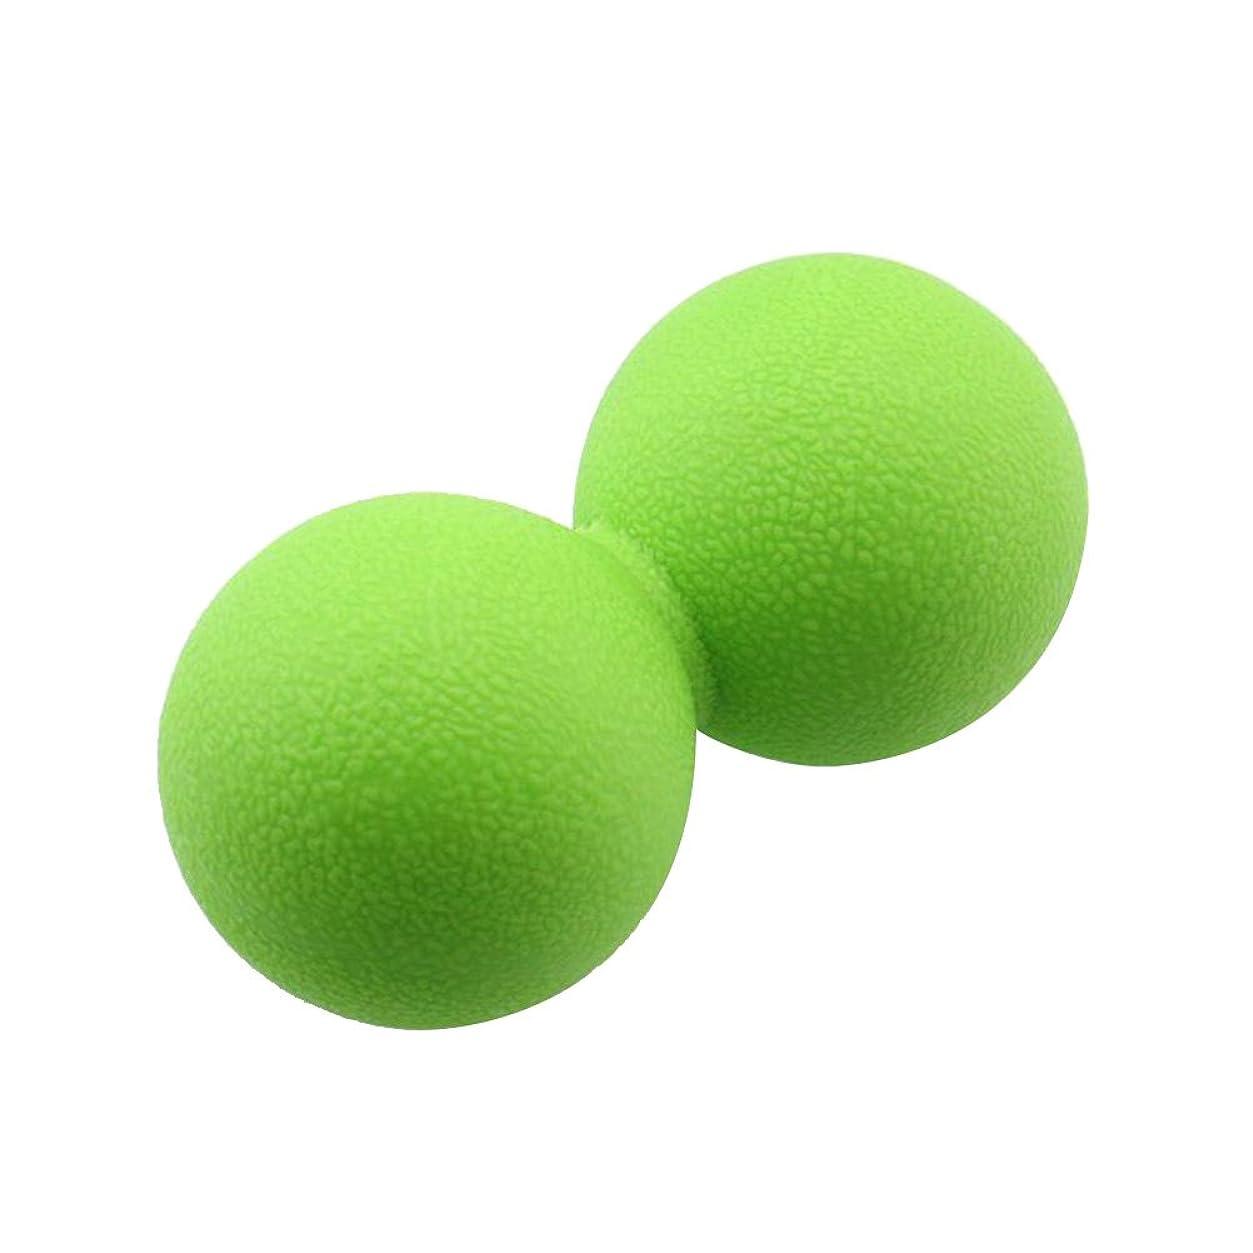 ラオス人決定的線VORCOOL マッサージボール ストレッチボール ハードタイプ トリガーポイント トレーニング 背中 肩こり 腰 ふくらはぎ 足裏 ツボ押しグッズ スーパーハードタイプ 筋肉痛を改善 運動前後(緑)